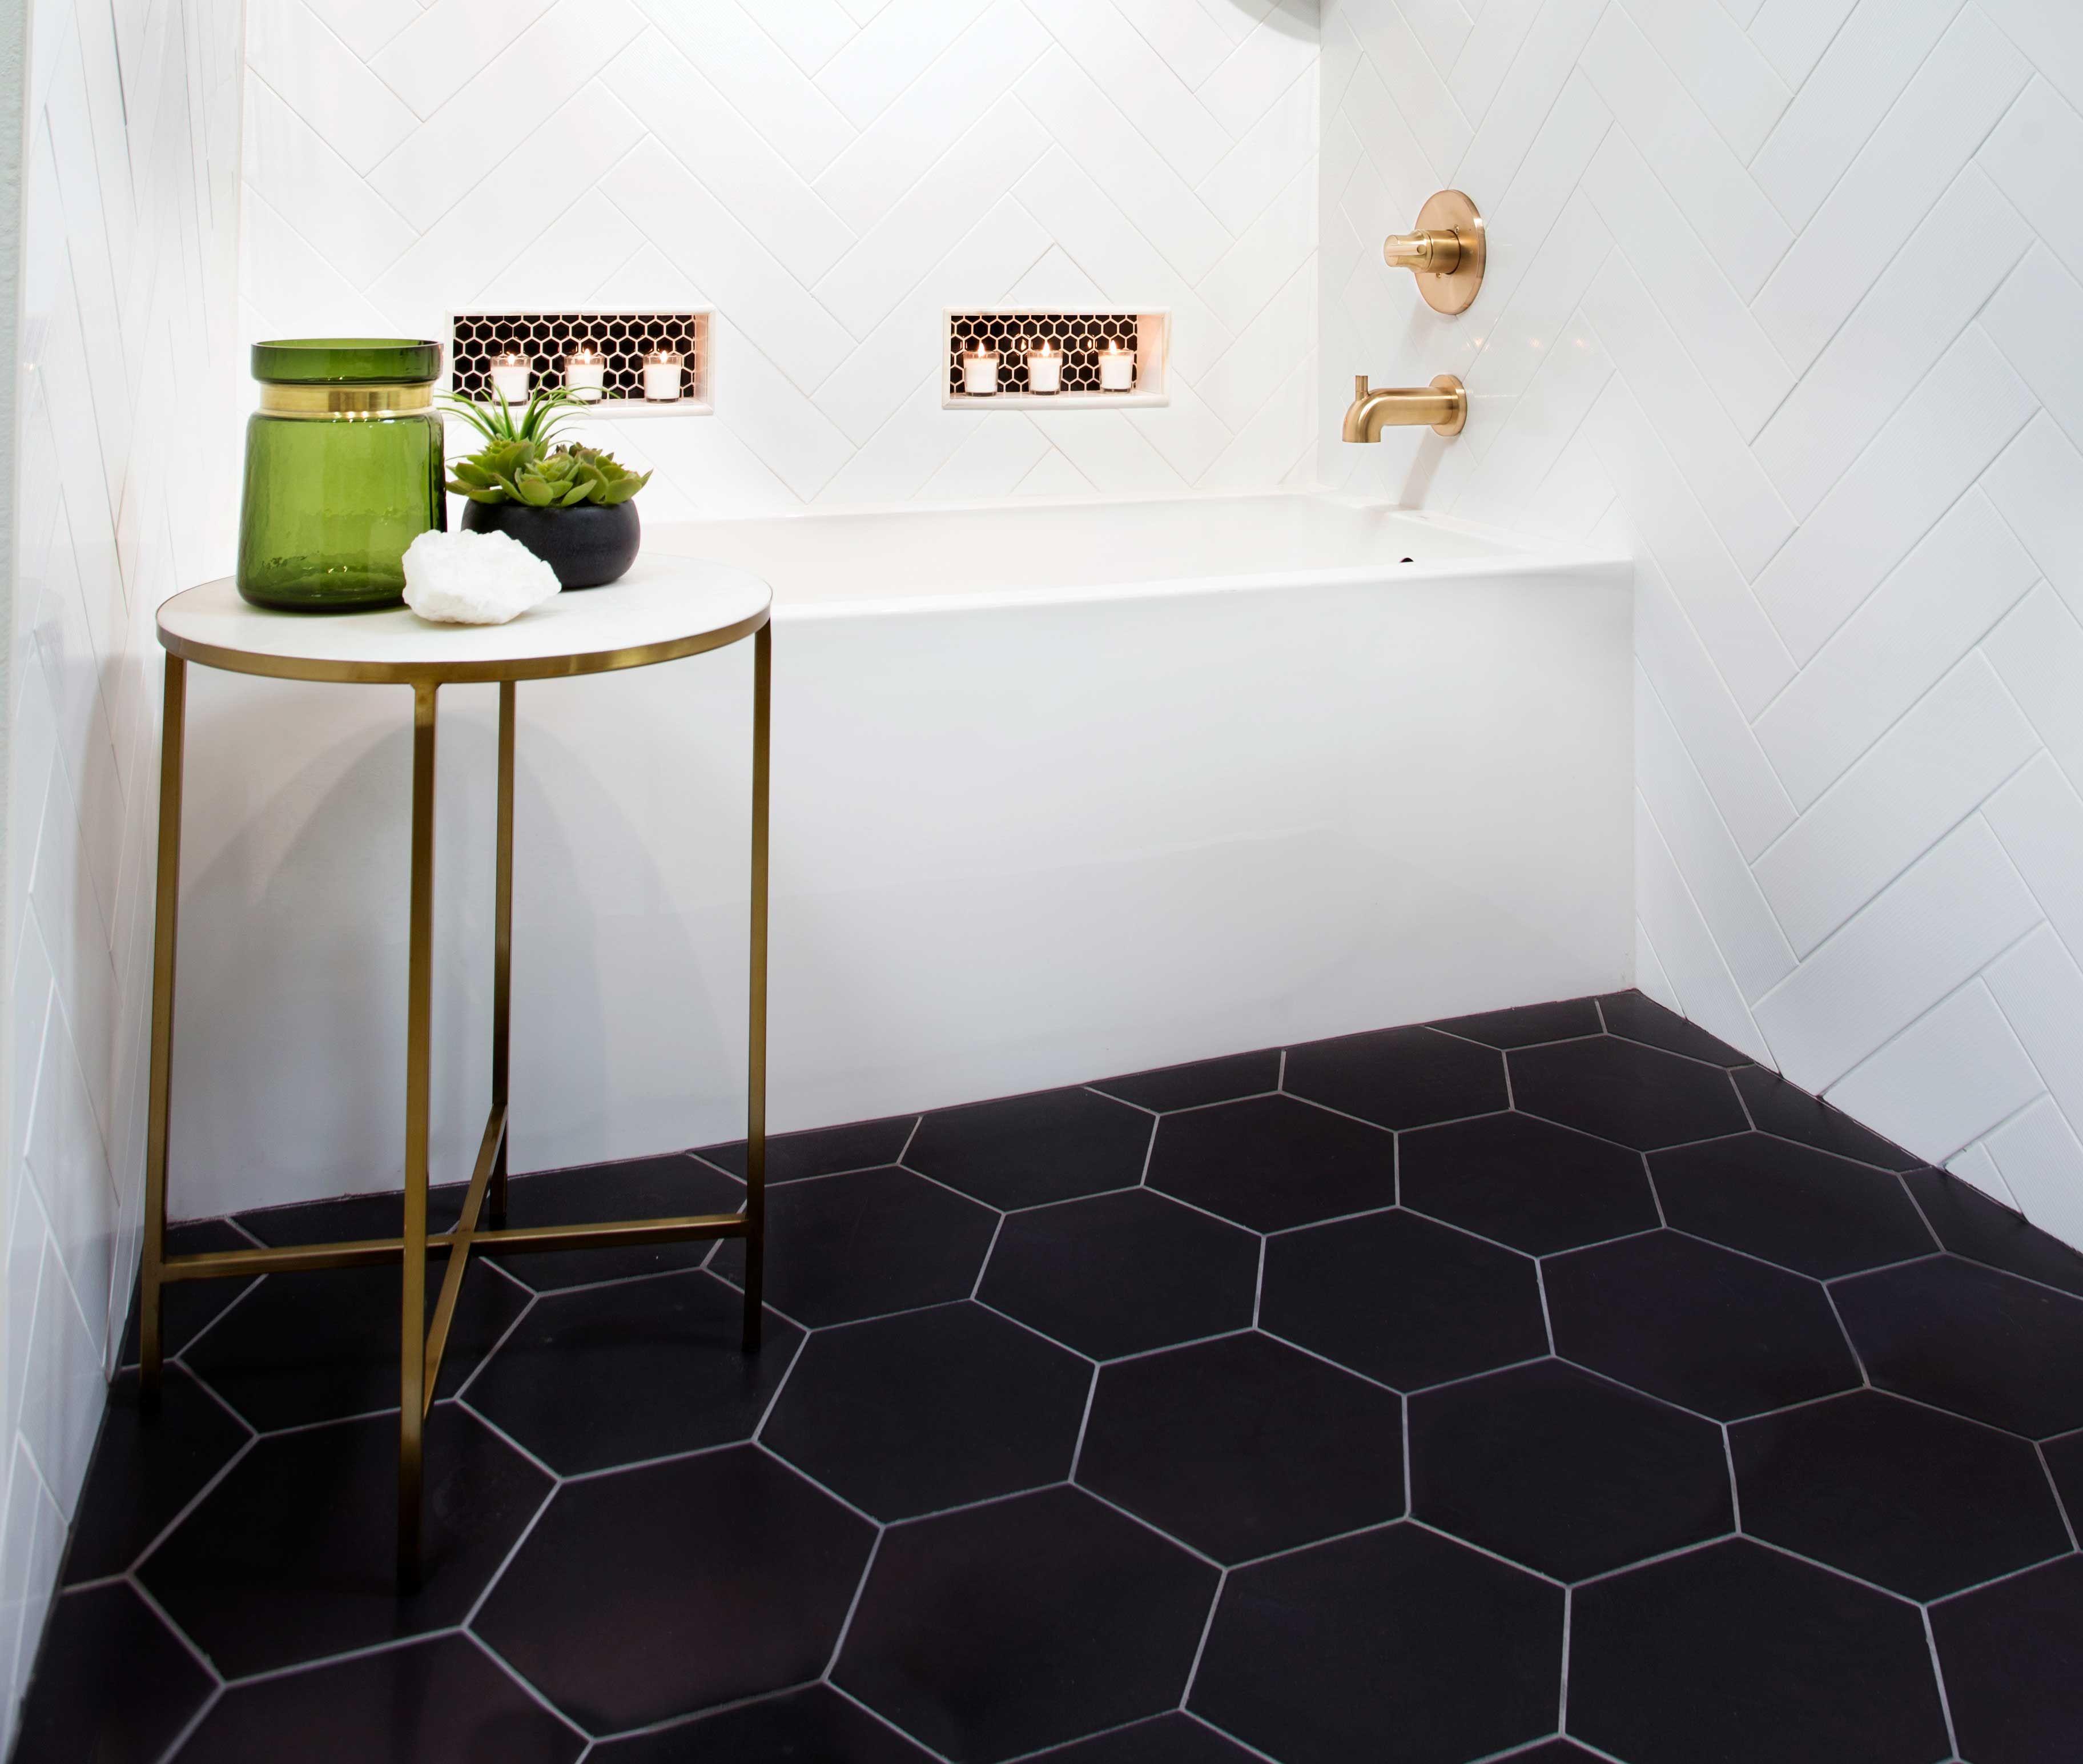 gooddesign black hexagon floor tile